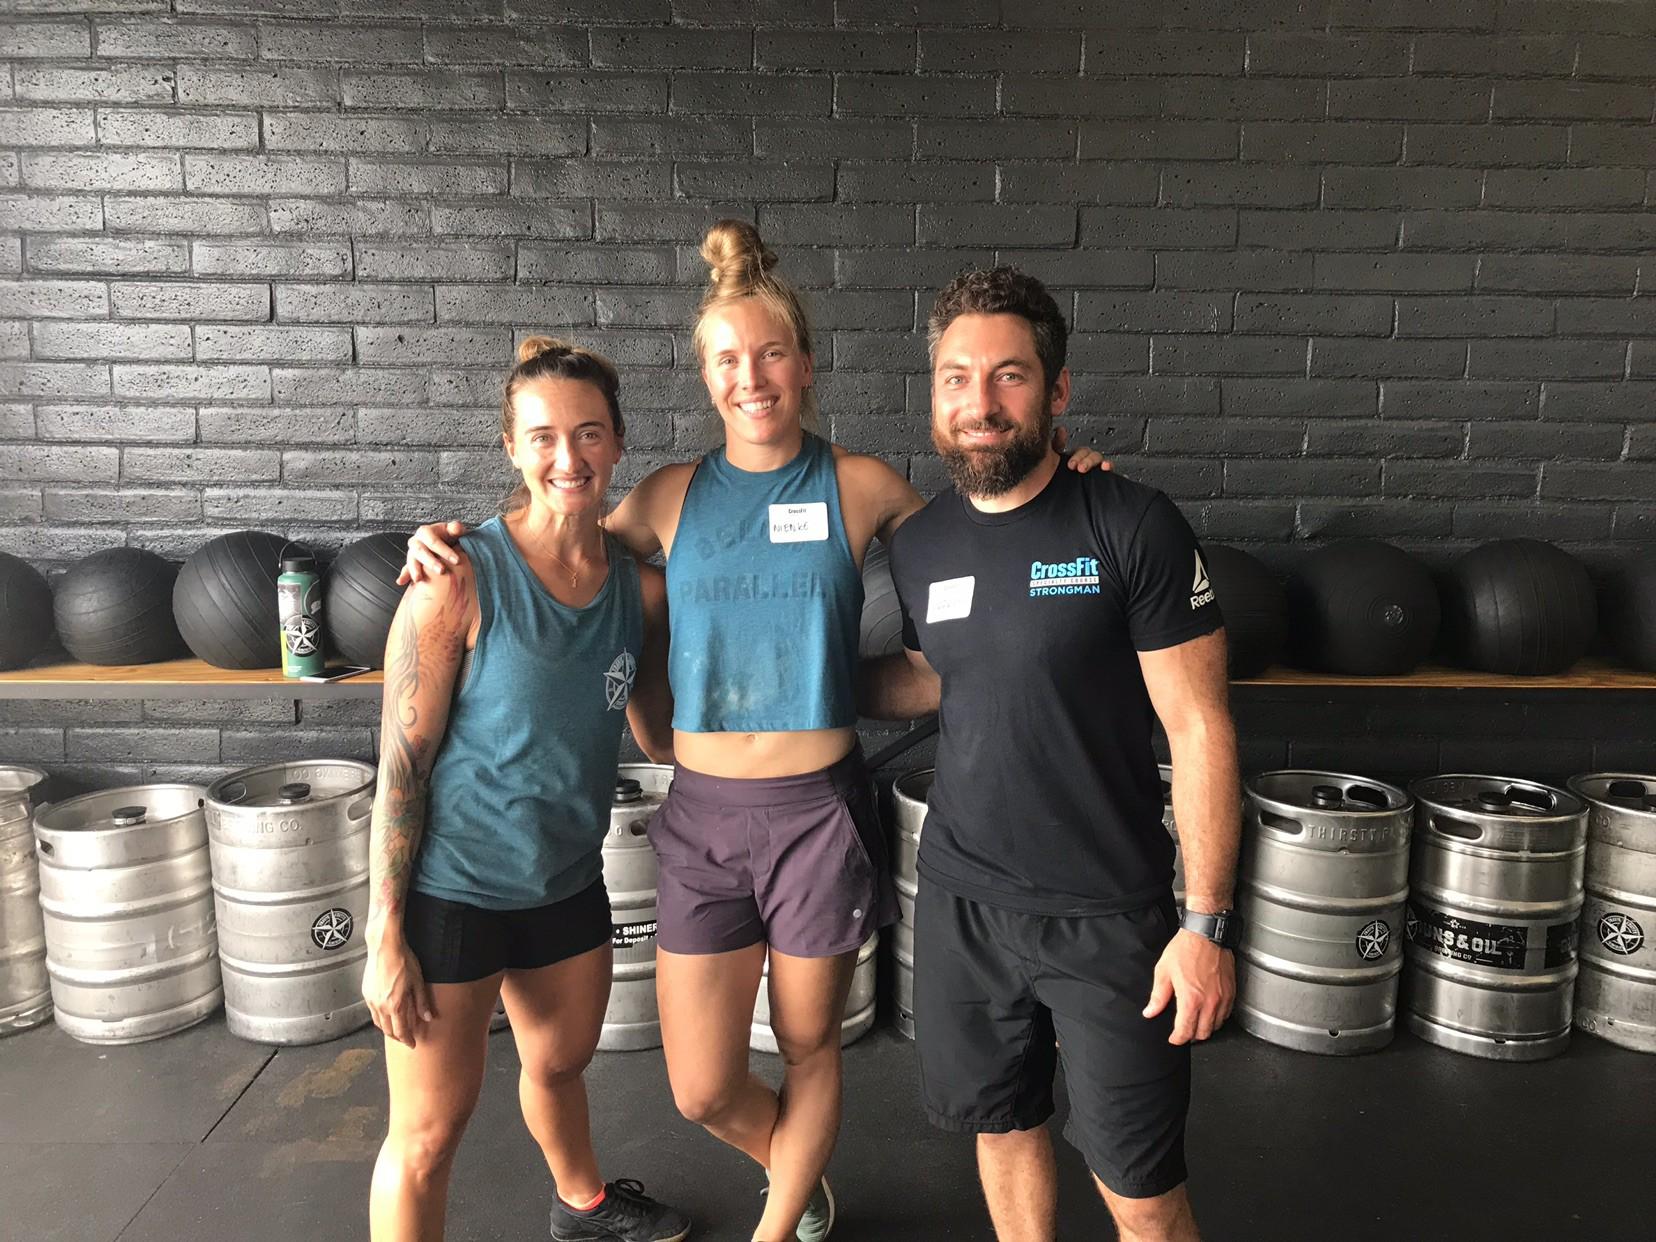 Nienke got her Strongman CrossFit Trainer certification over the weekend! Nice job Nienke!